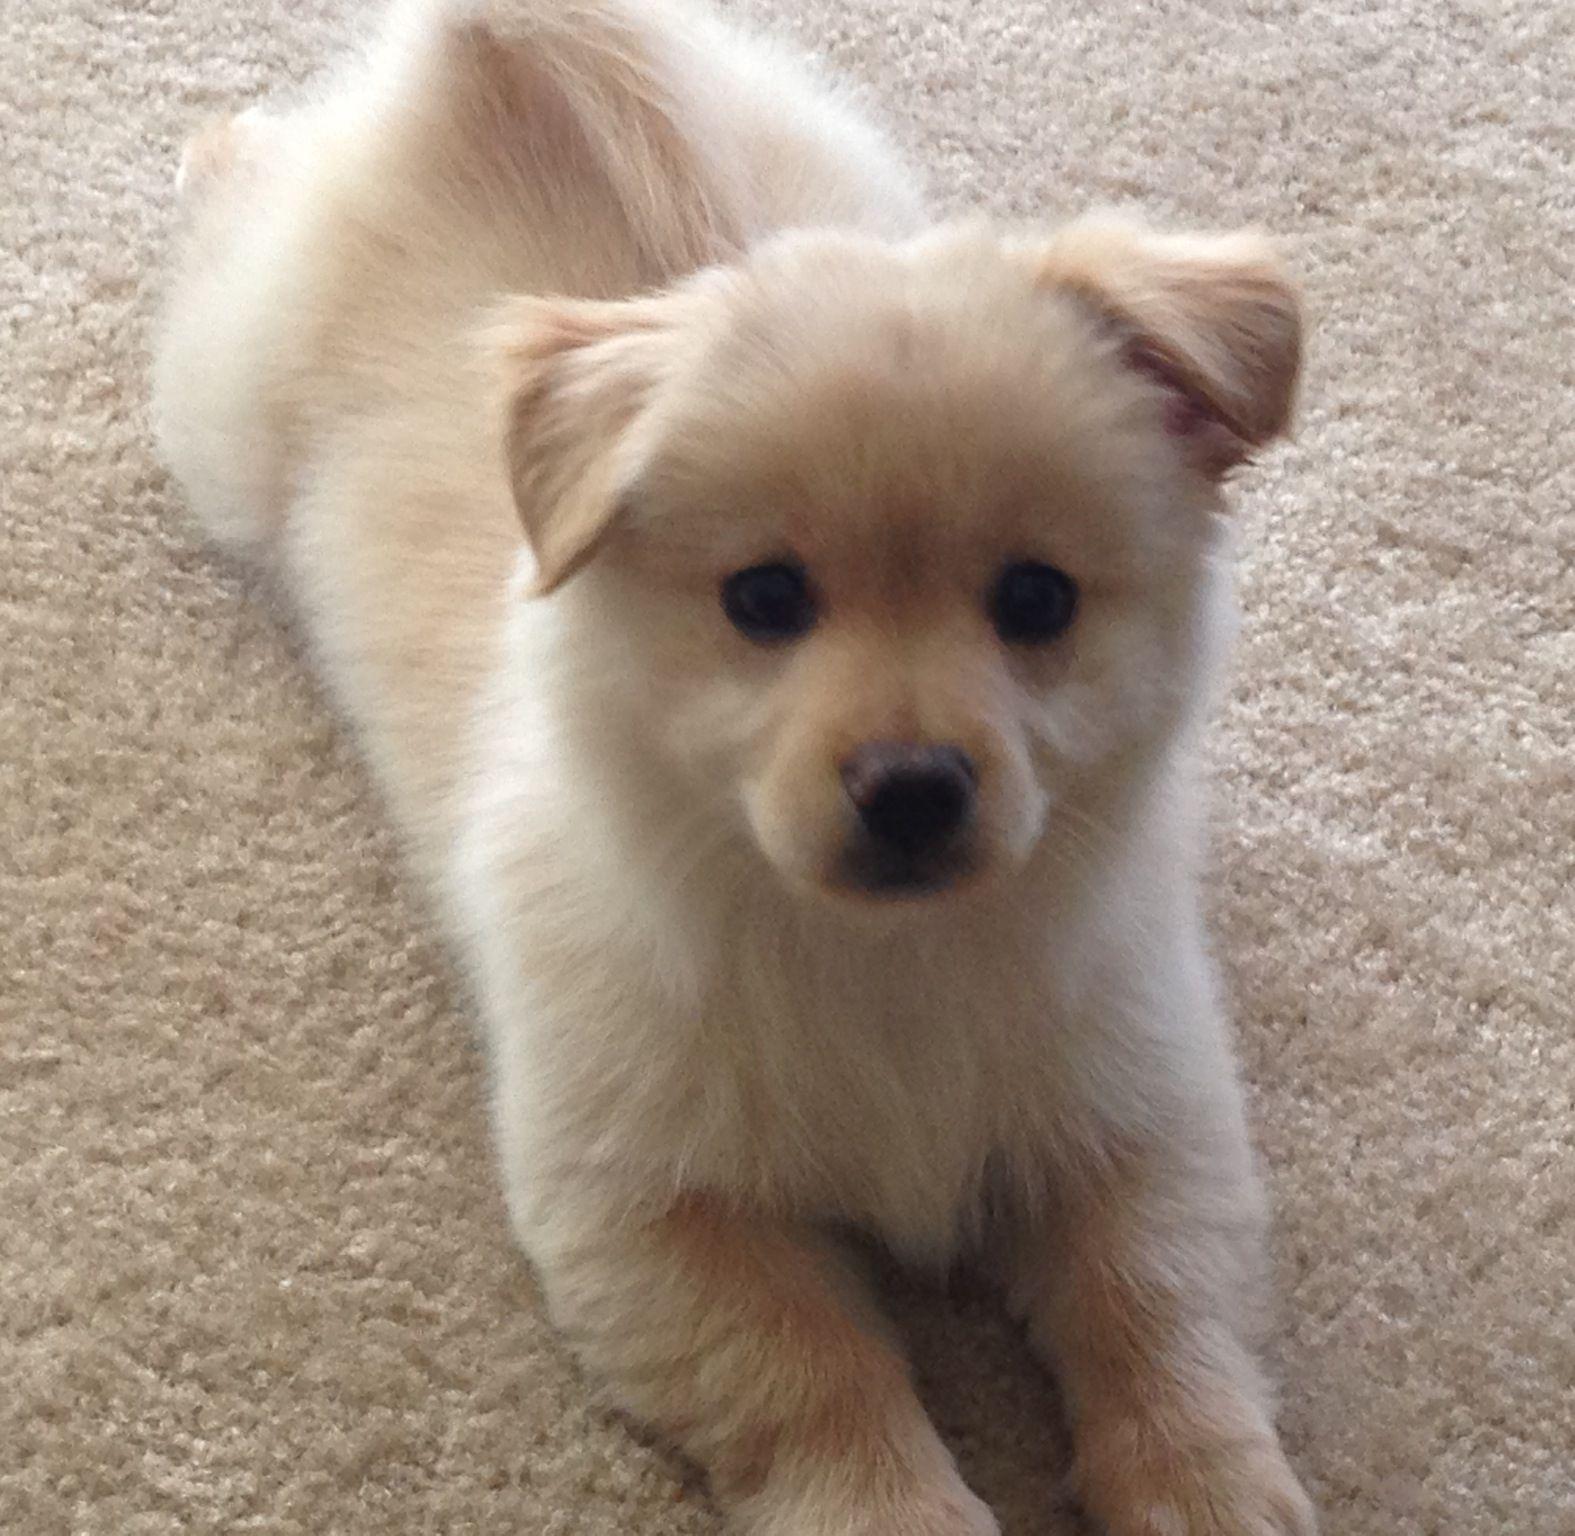 My Adorable Pomchi 1 2 Pomeranian 1 2 Chihuahua I 3 Him